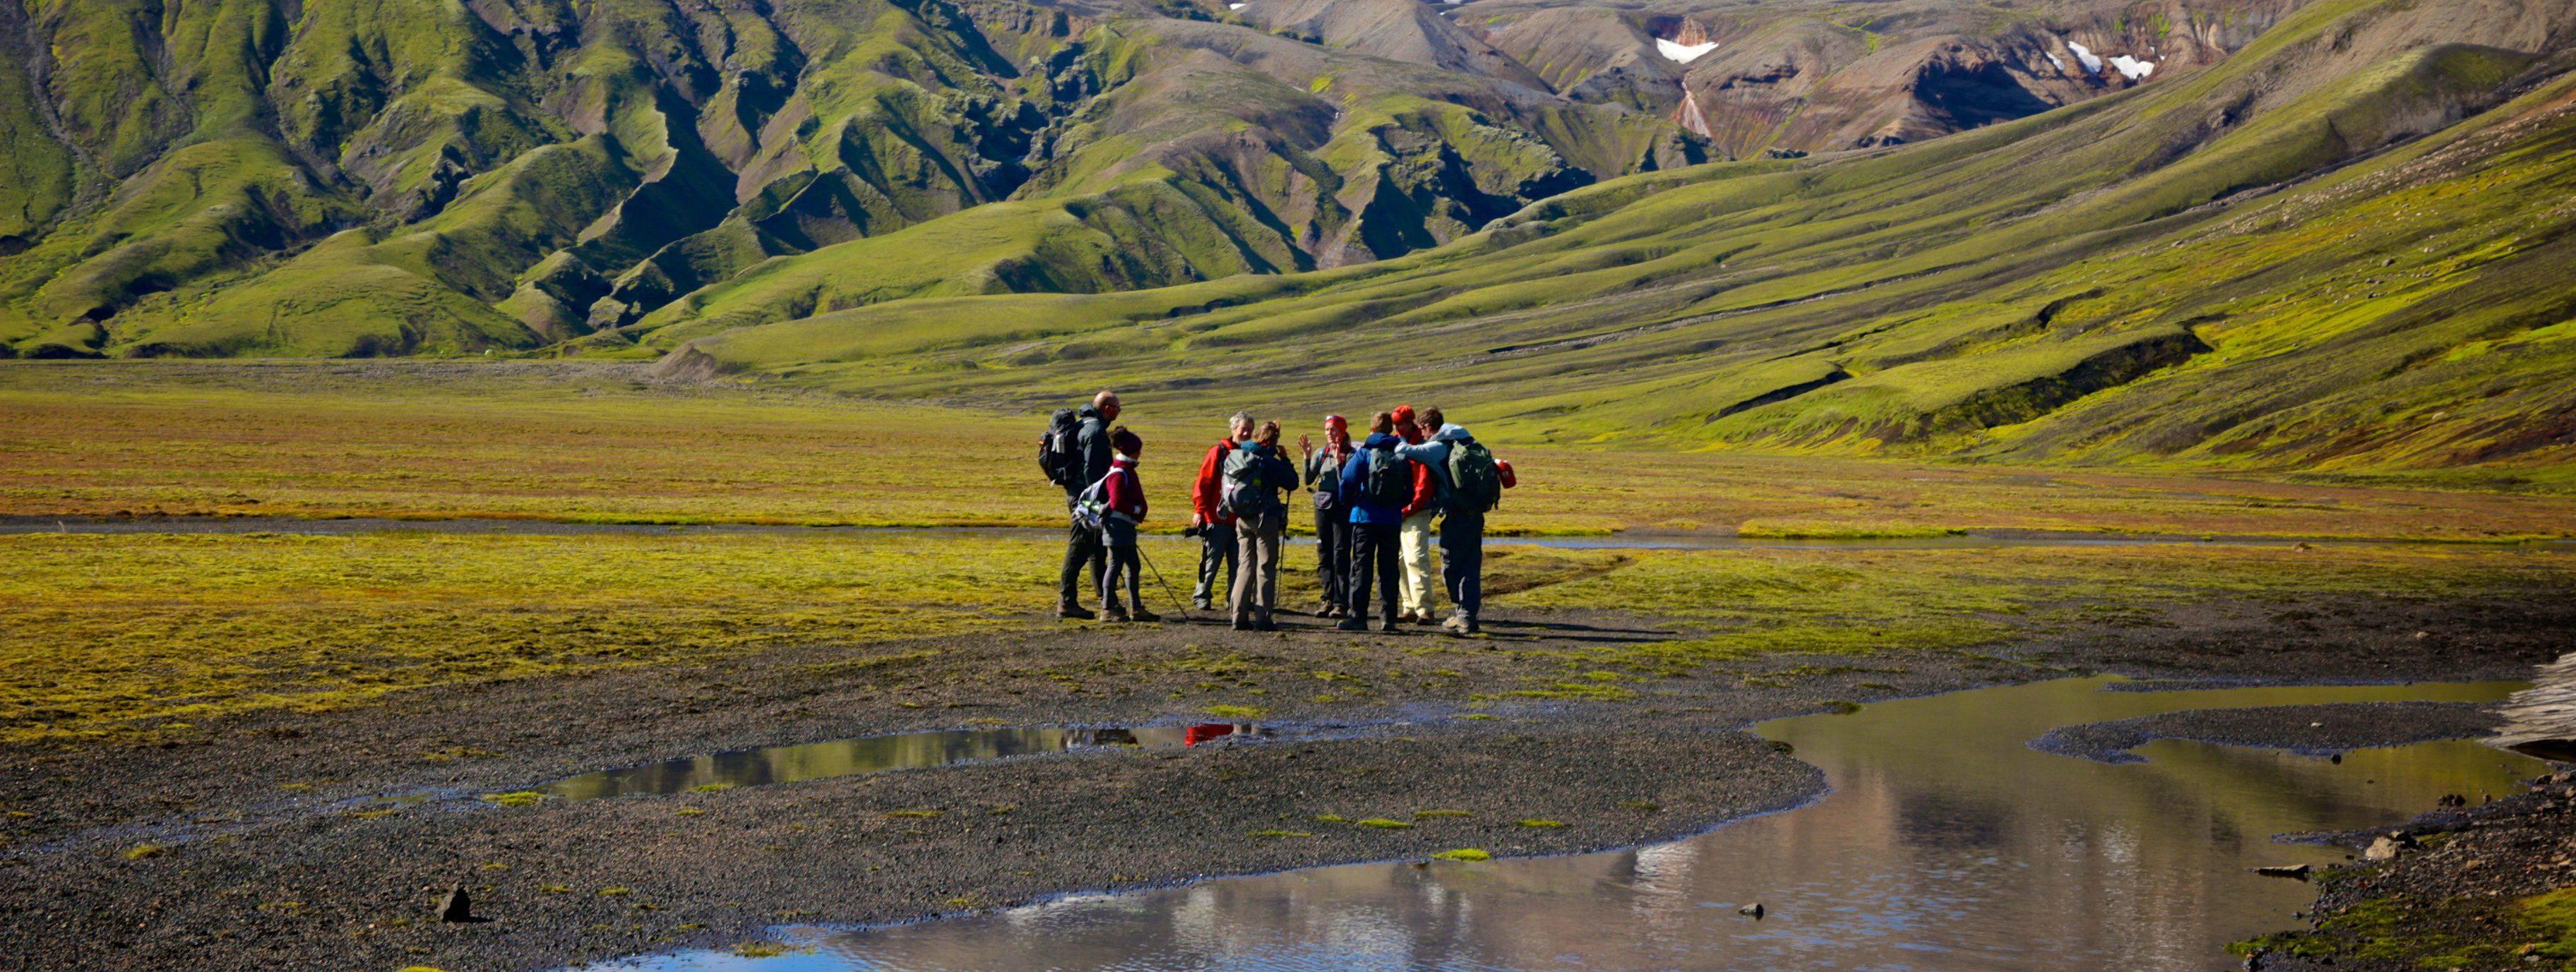 Wanderer im isländischen Hochland